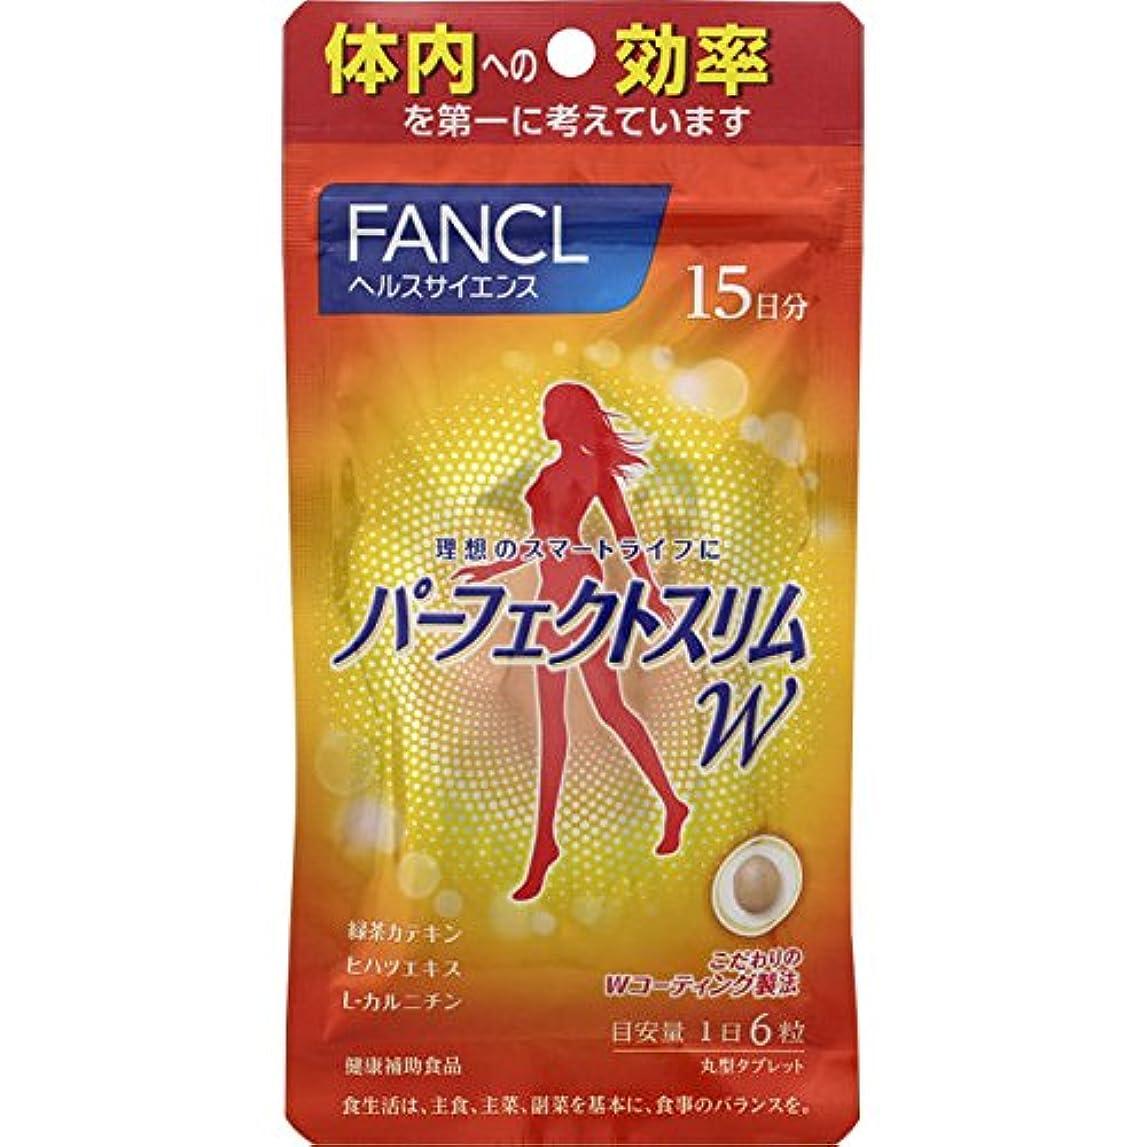 荷物悲惨胚FANCL ファンケル パーフェクトスリム W 15日分 (90粒) 緑茶カテキン ヒハツエキス